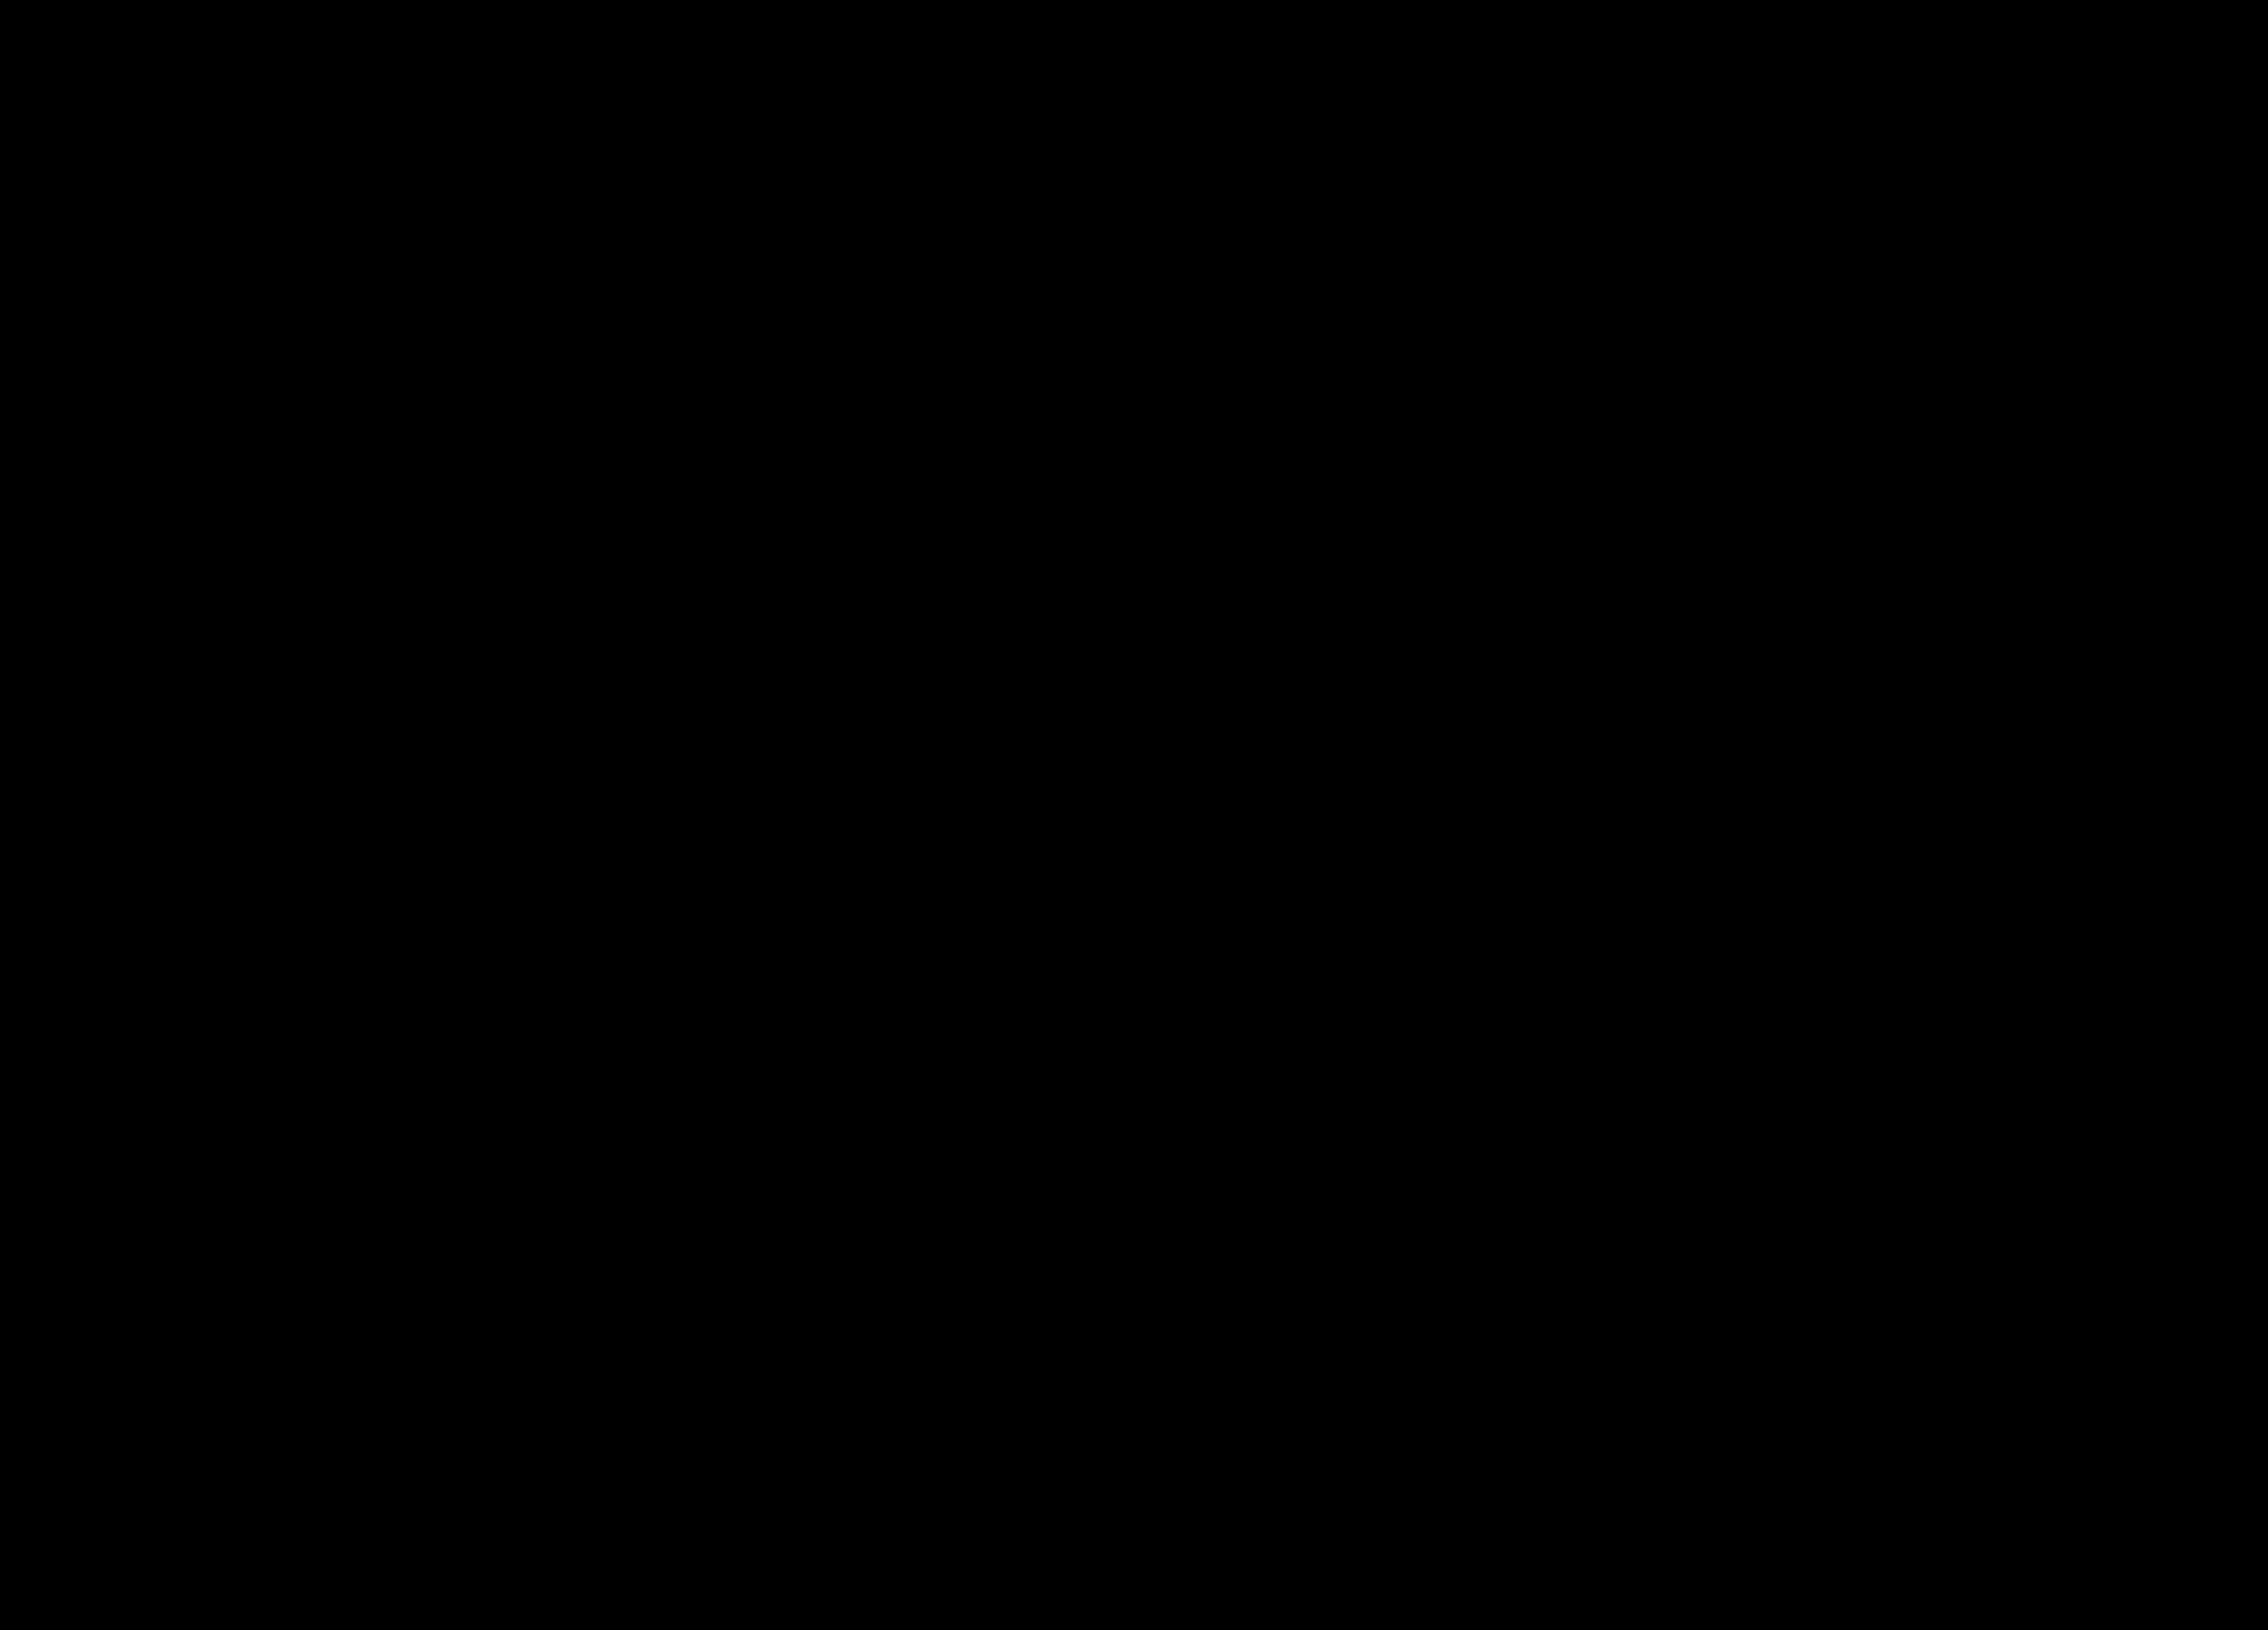 ארון הזזה עם מראה 240 אגוז ספיר